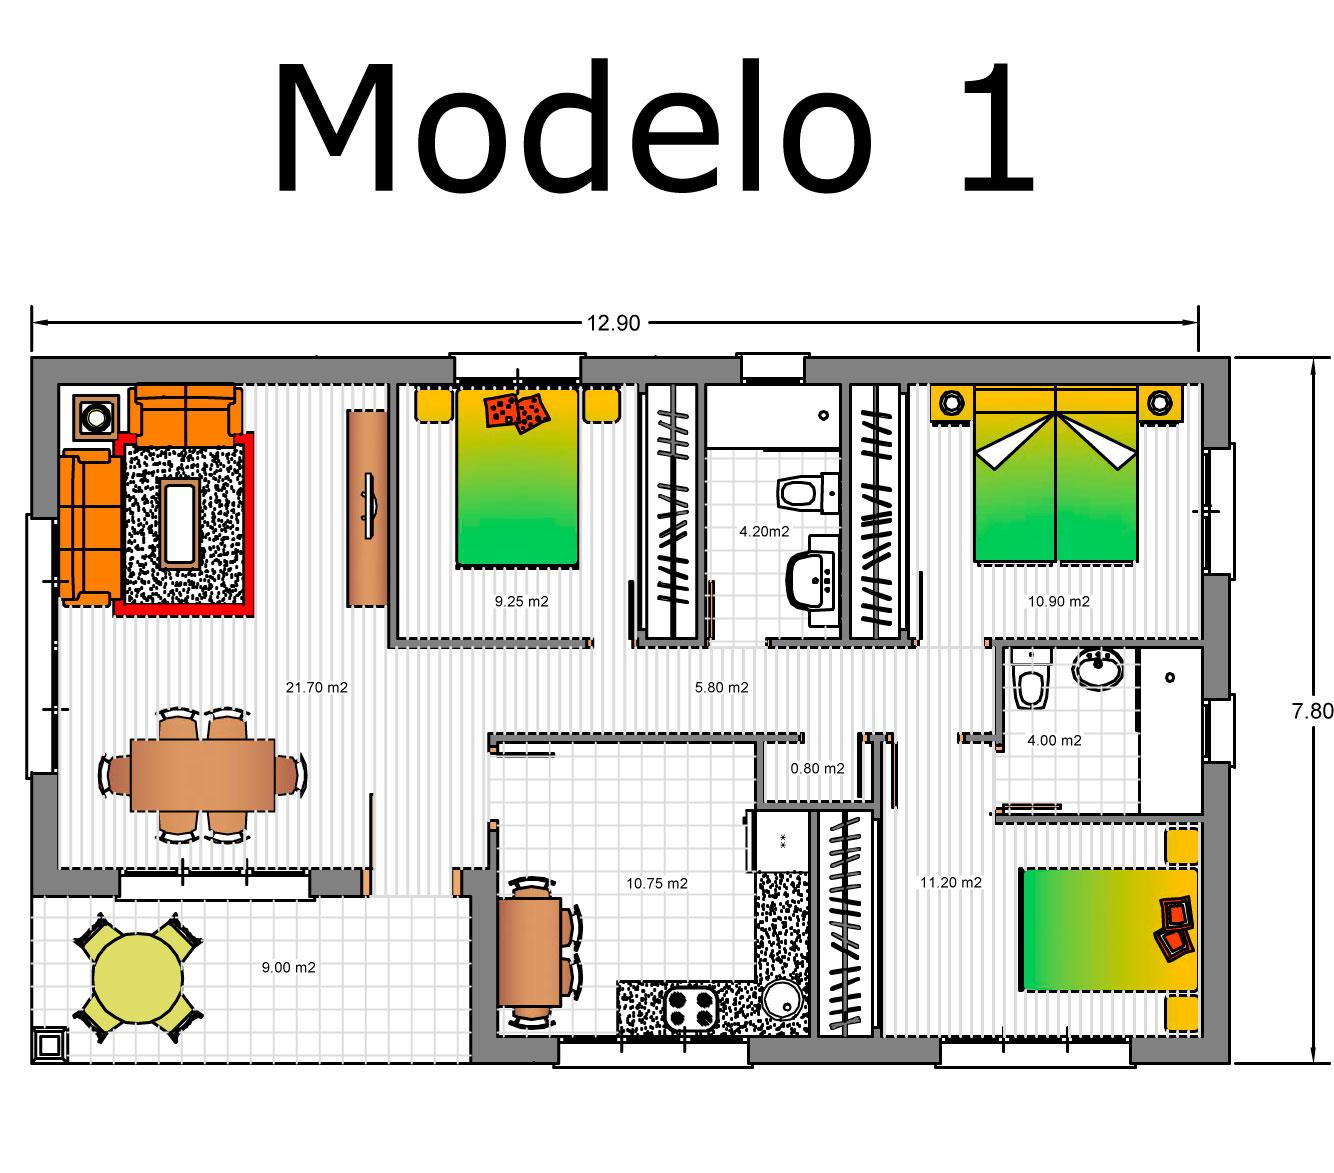 Precio proyecto casa 120 m2 top precio proyecto casa 120 m2 with precio proyecto casa 120 m2 - Precio proyecto casa 120 m2 ...